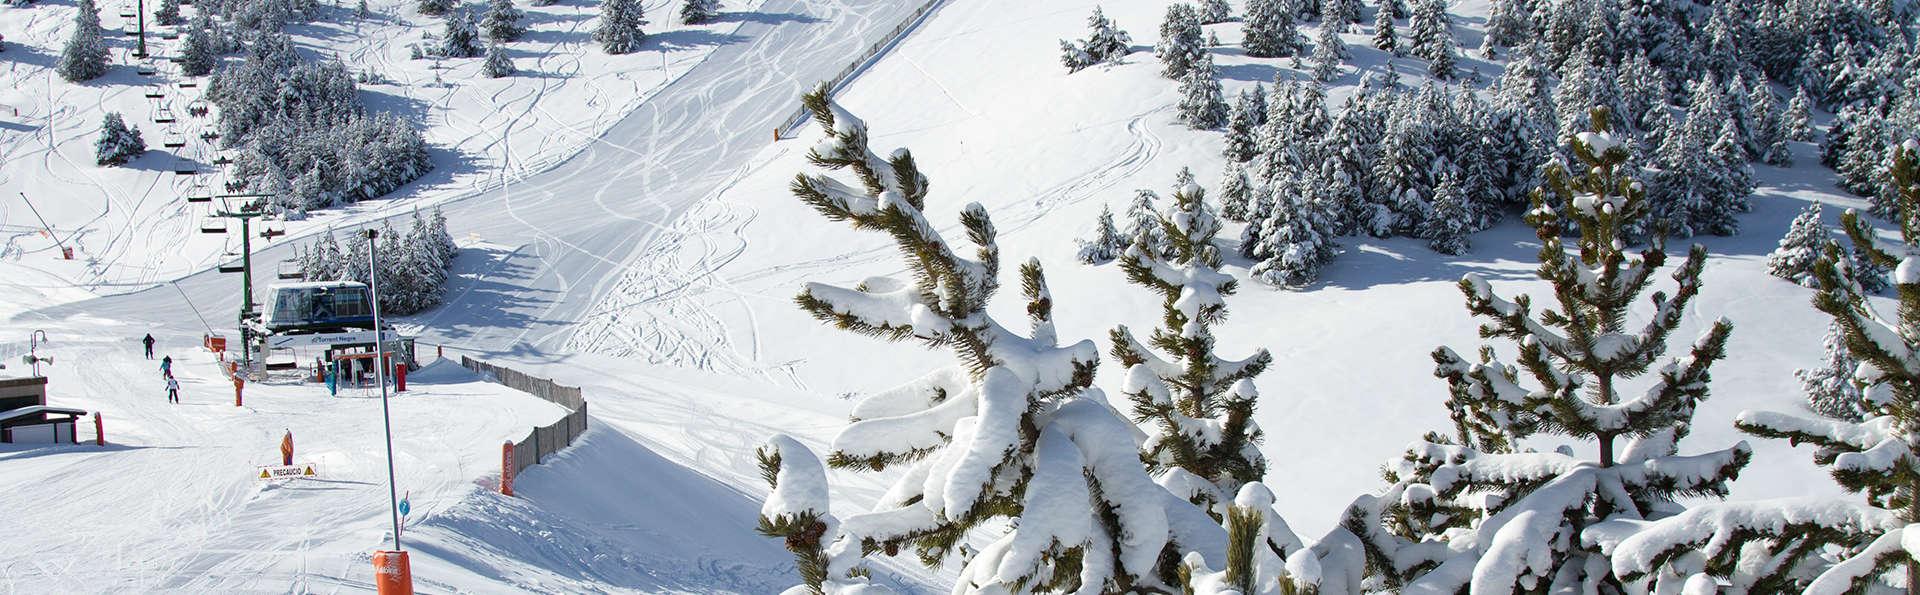 Escapade à la montagne avec forfait inclus, demi-pension et accès au spa